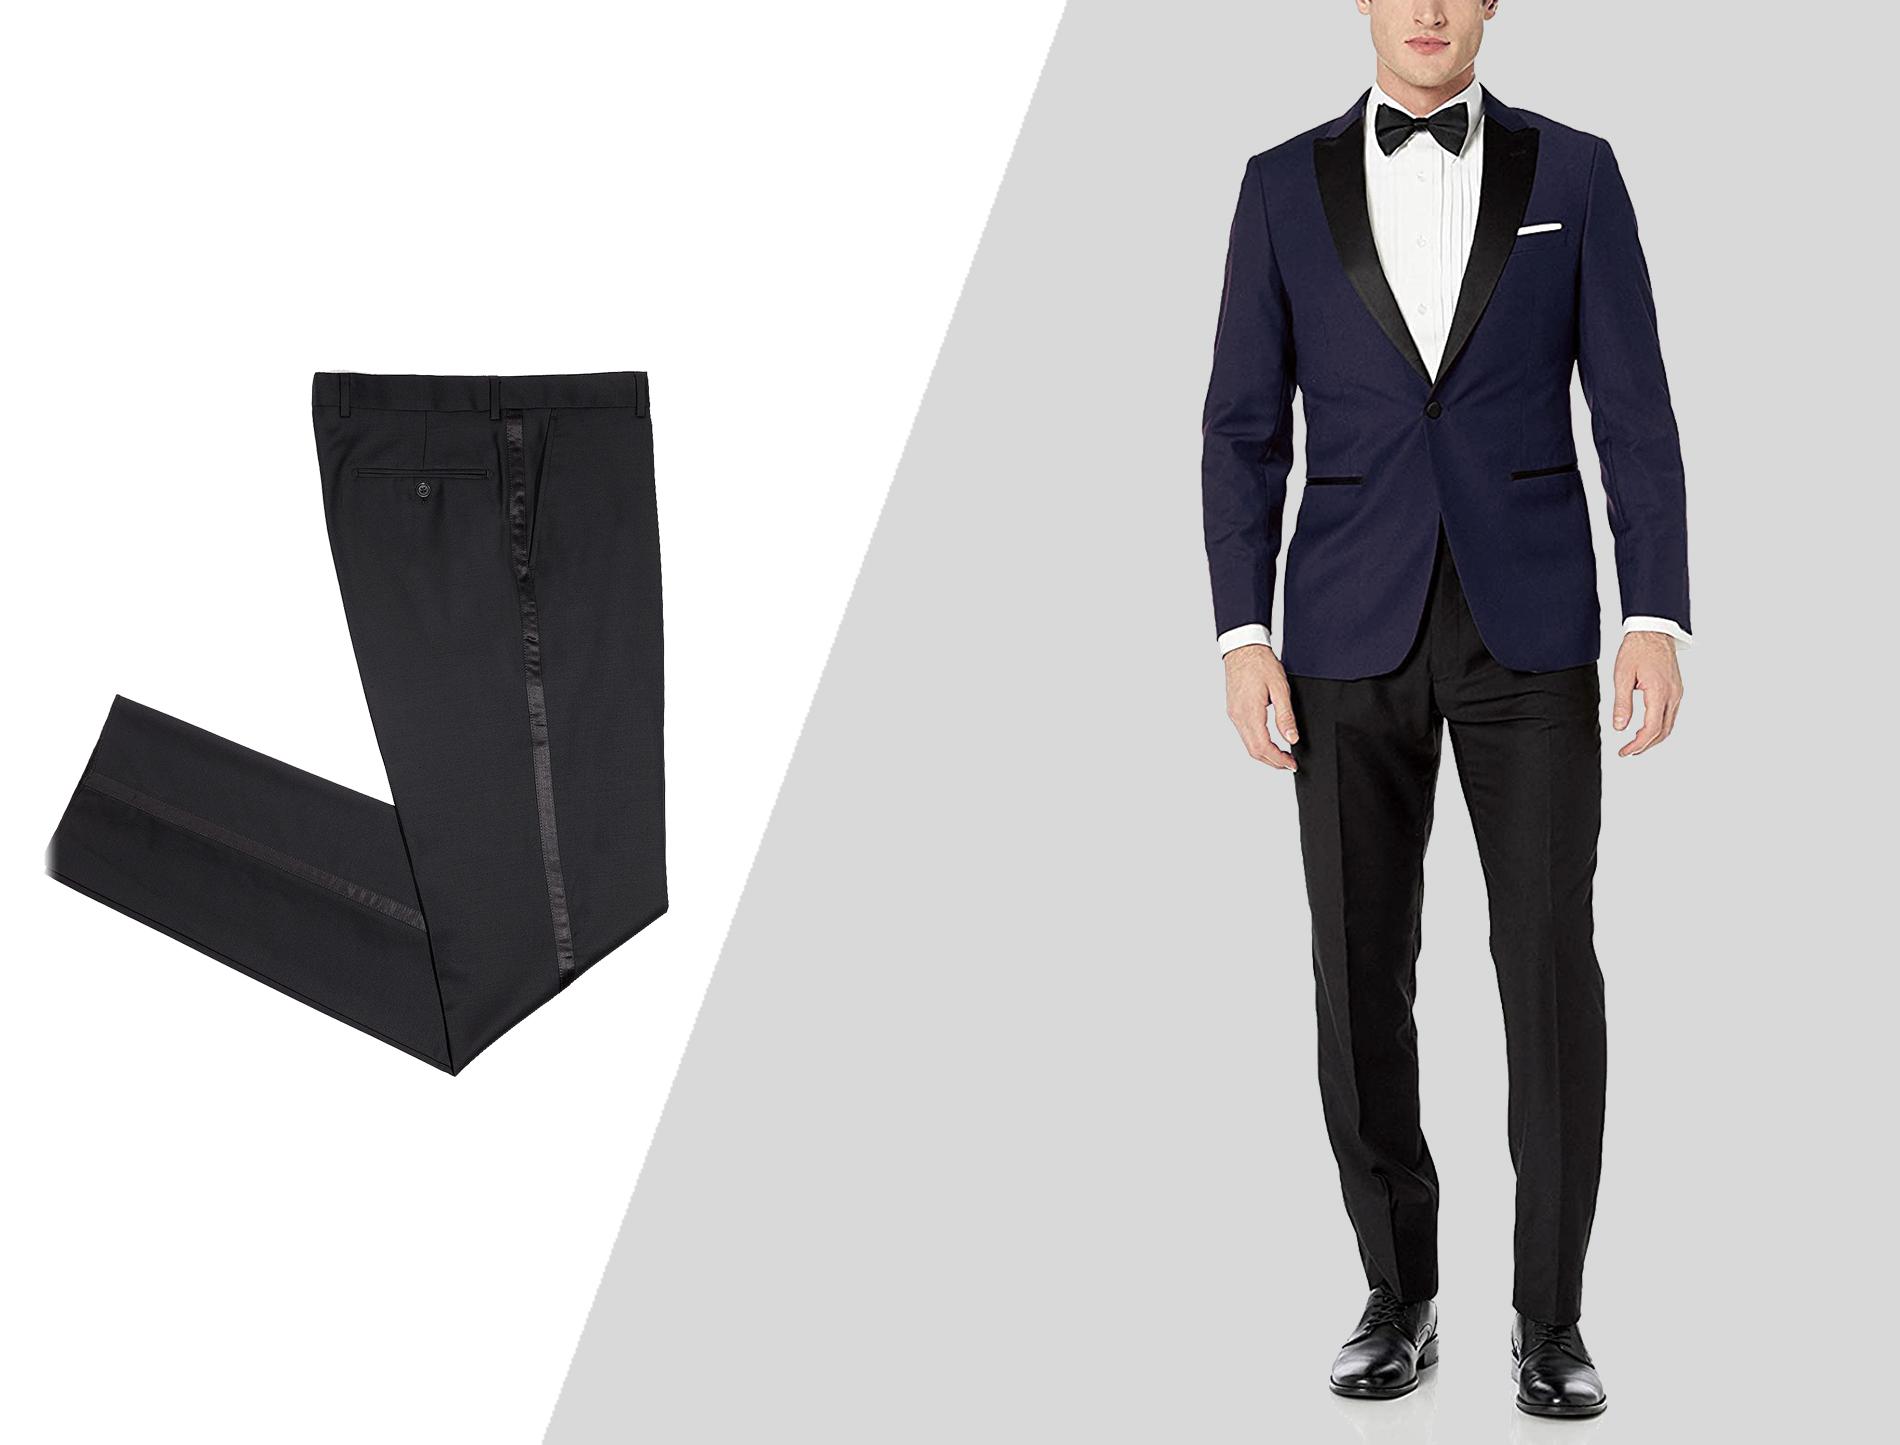 wearing separate blue tuxedo jacket and black tuxedo pants